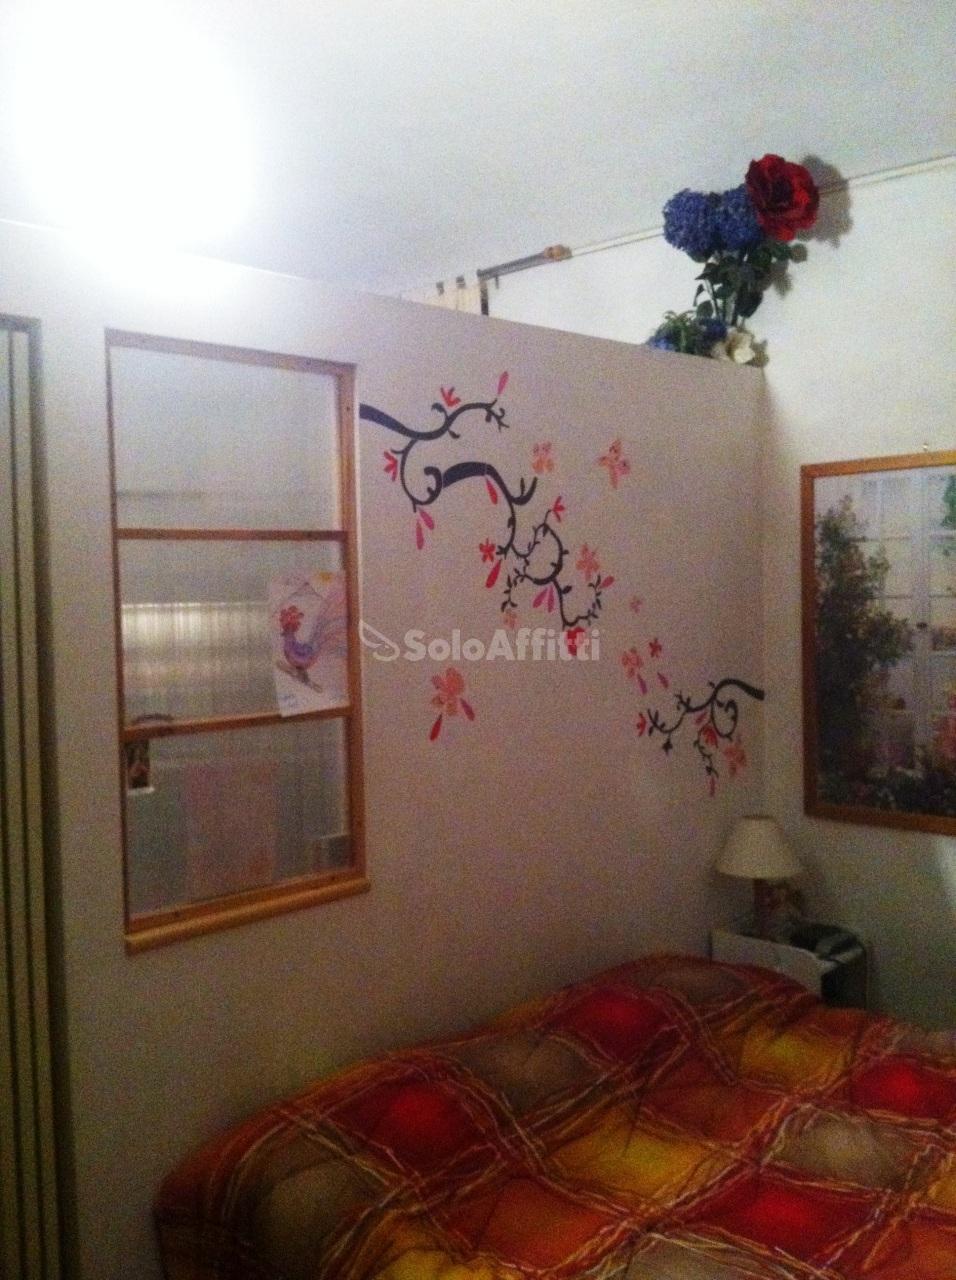 Affitto appartamento monolocale arredato for Monolocale arredato torino